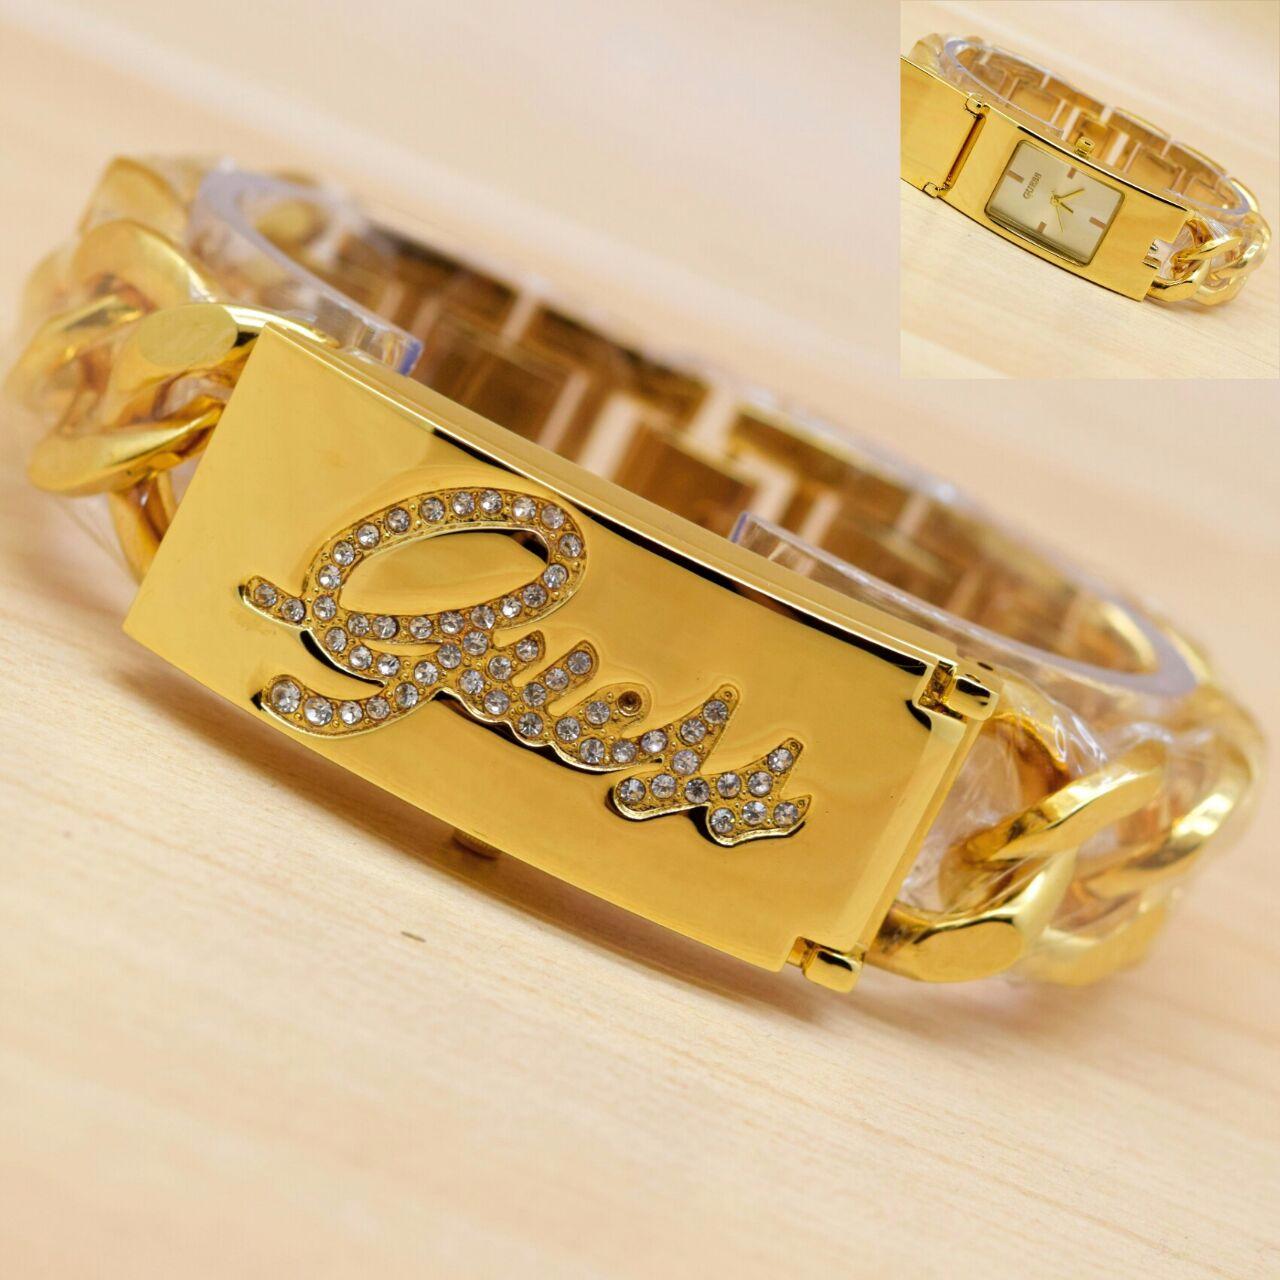 Jam Tangan Wanita / Cewek Guess Buka Tutup Rantai Gold Murah